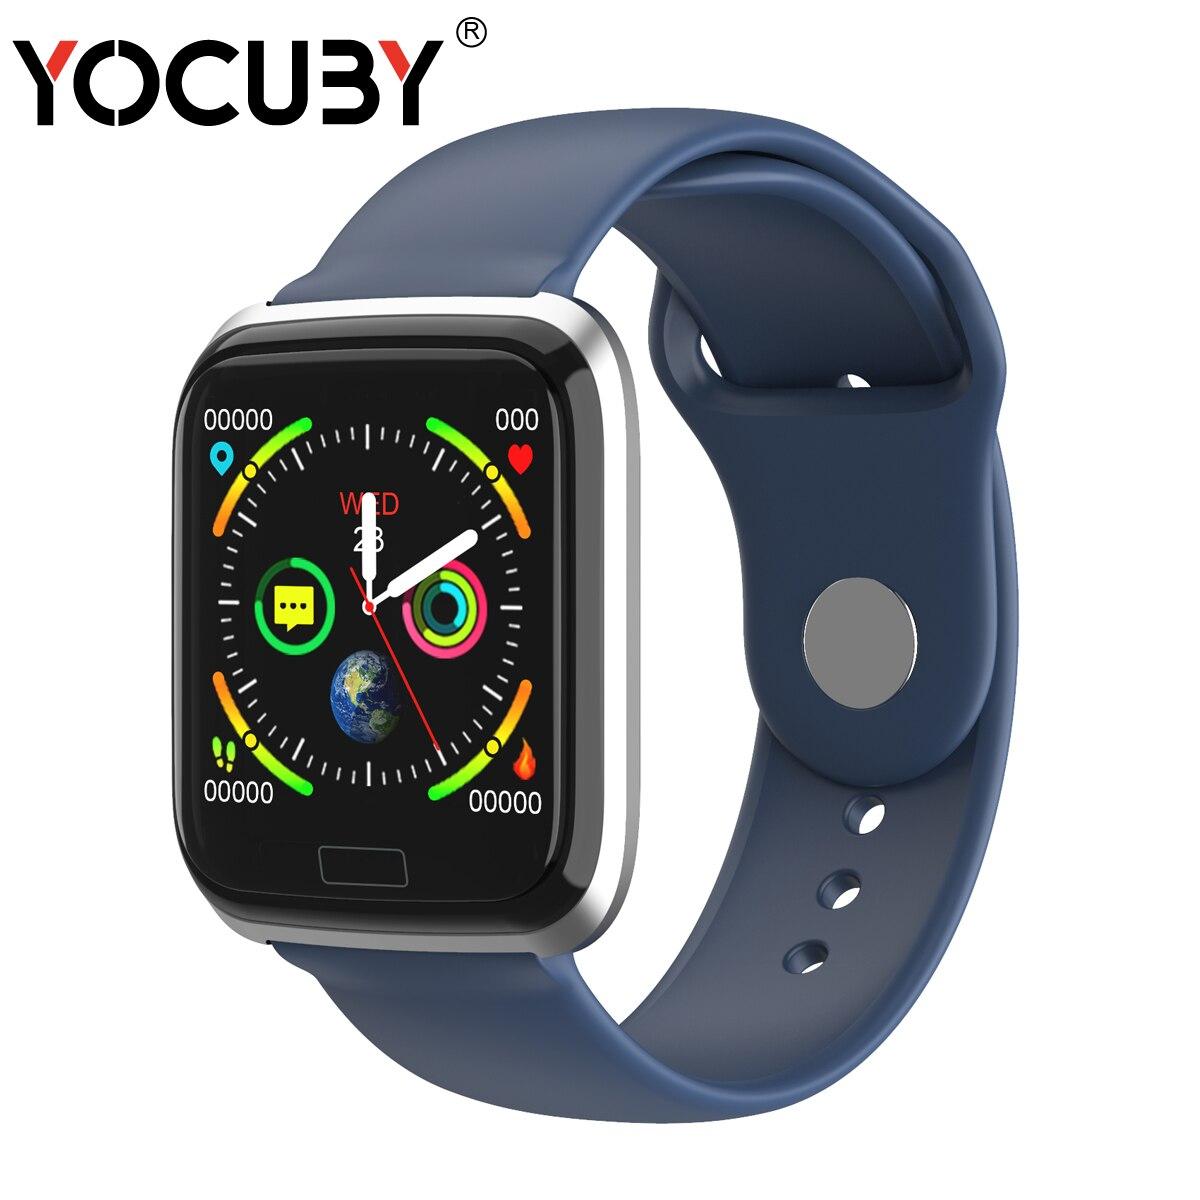 Y05 Smart Watch Men Women IP67 Waterproof Heart Rate Measure Bluetooth Watch Smart Bracelet Sleep Smartwatch PK Z6s W34 Dropship